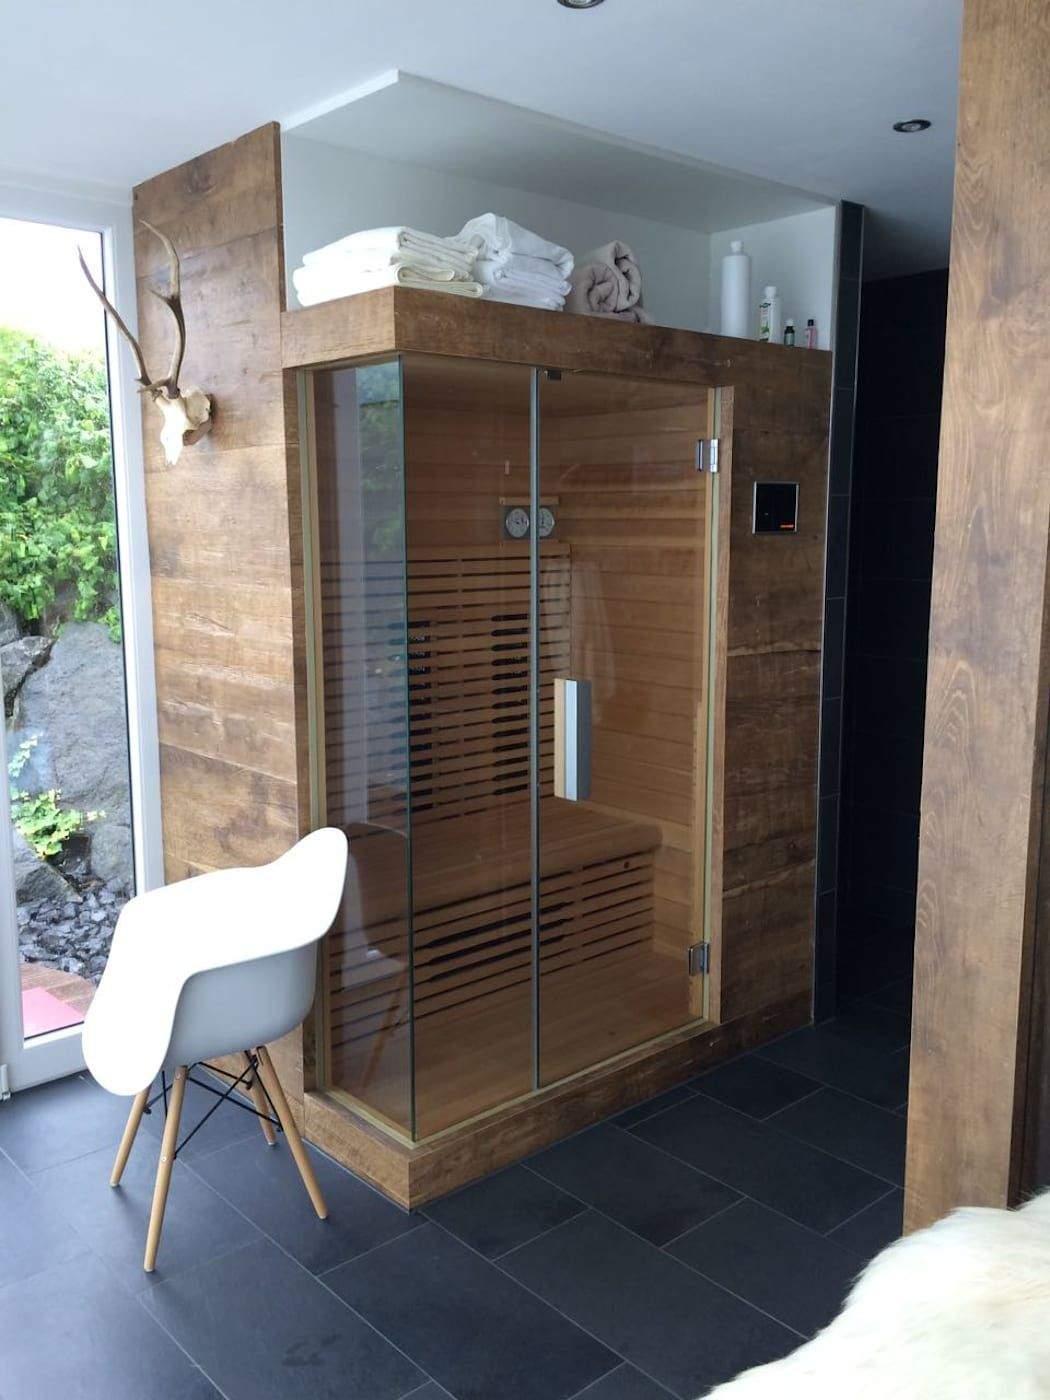 Sauna Selber Bauen Garten Frisch Sauna Im Außenbereich Mit Dusche Moderner Spa Von Fa